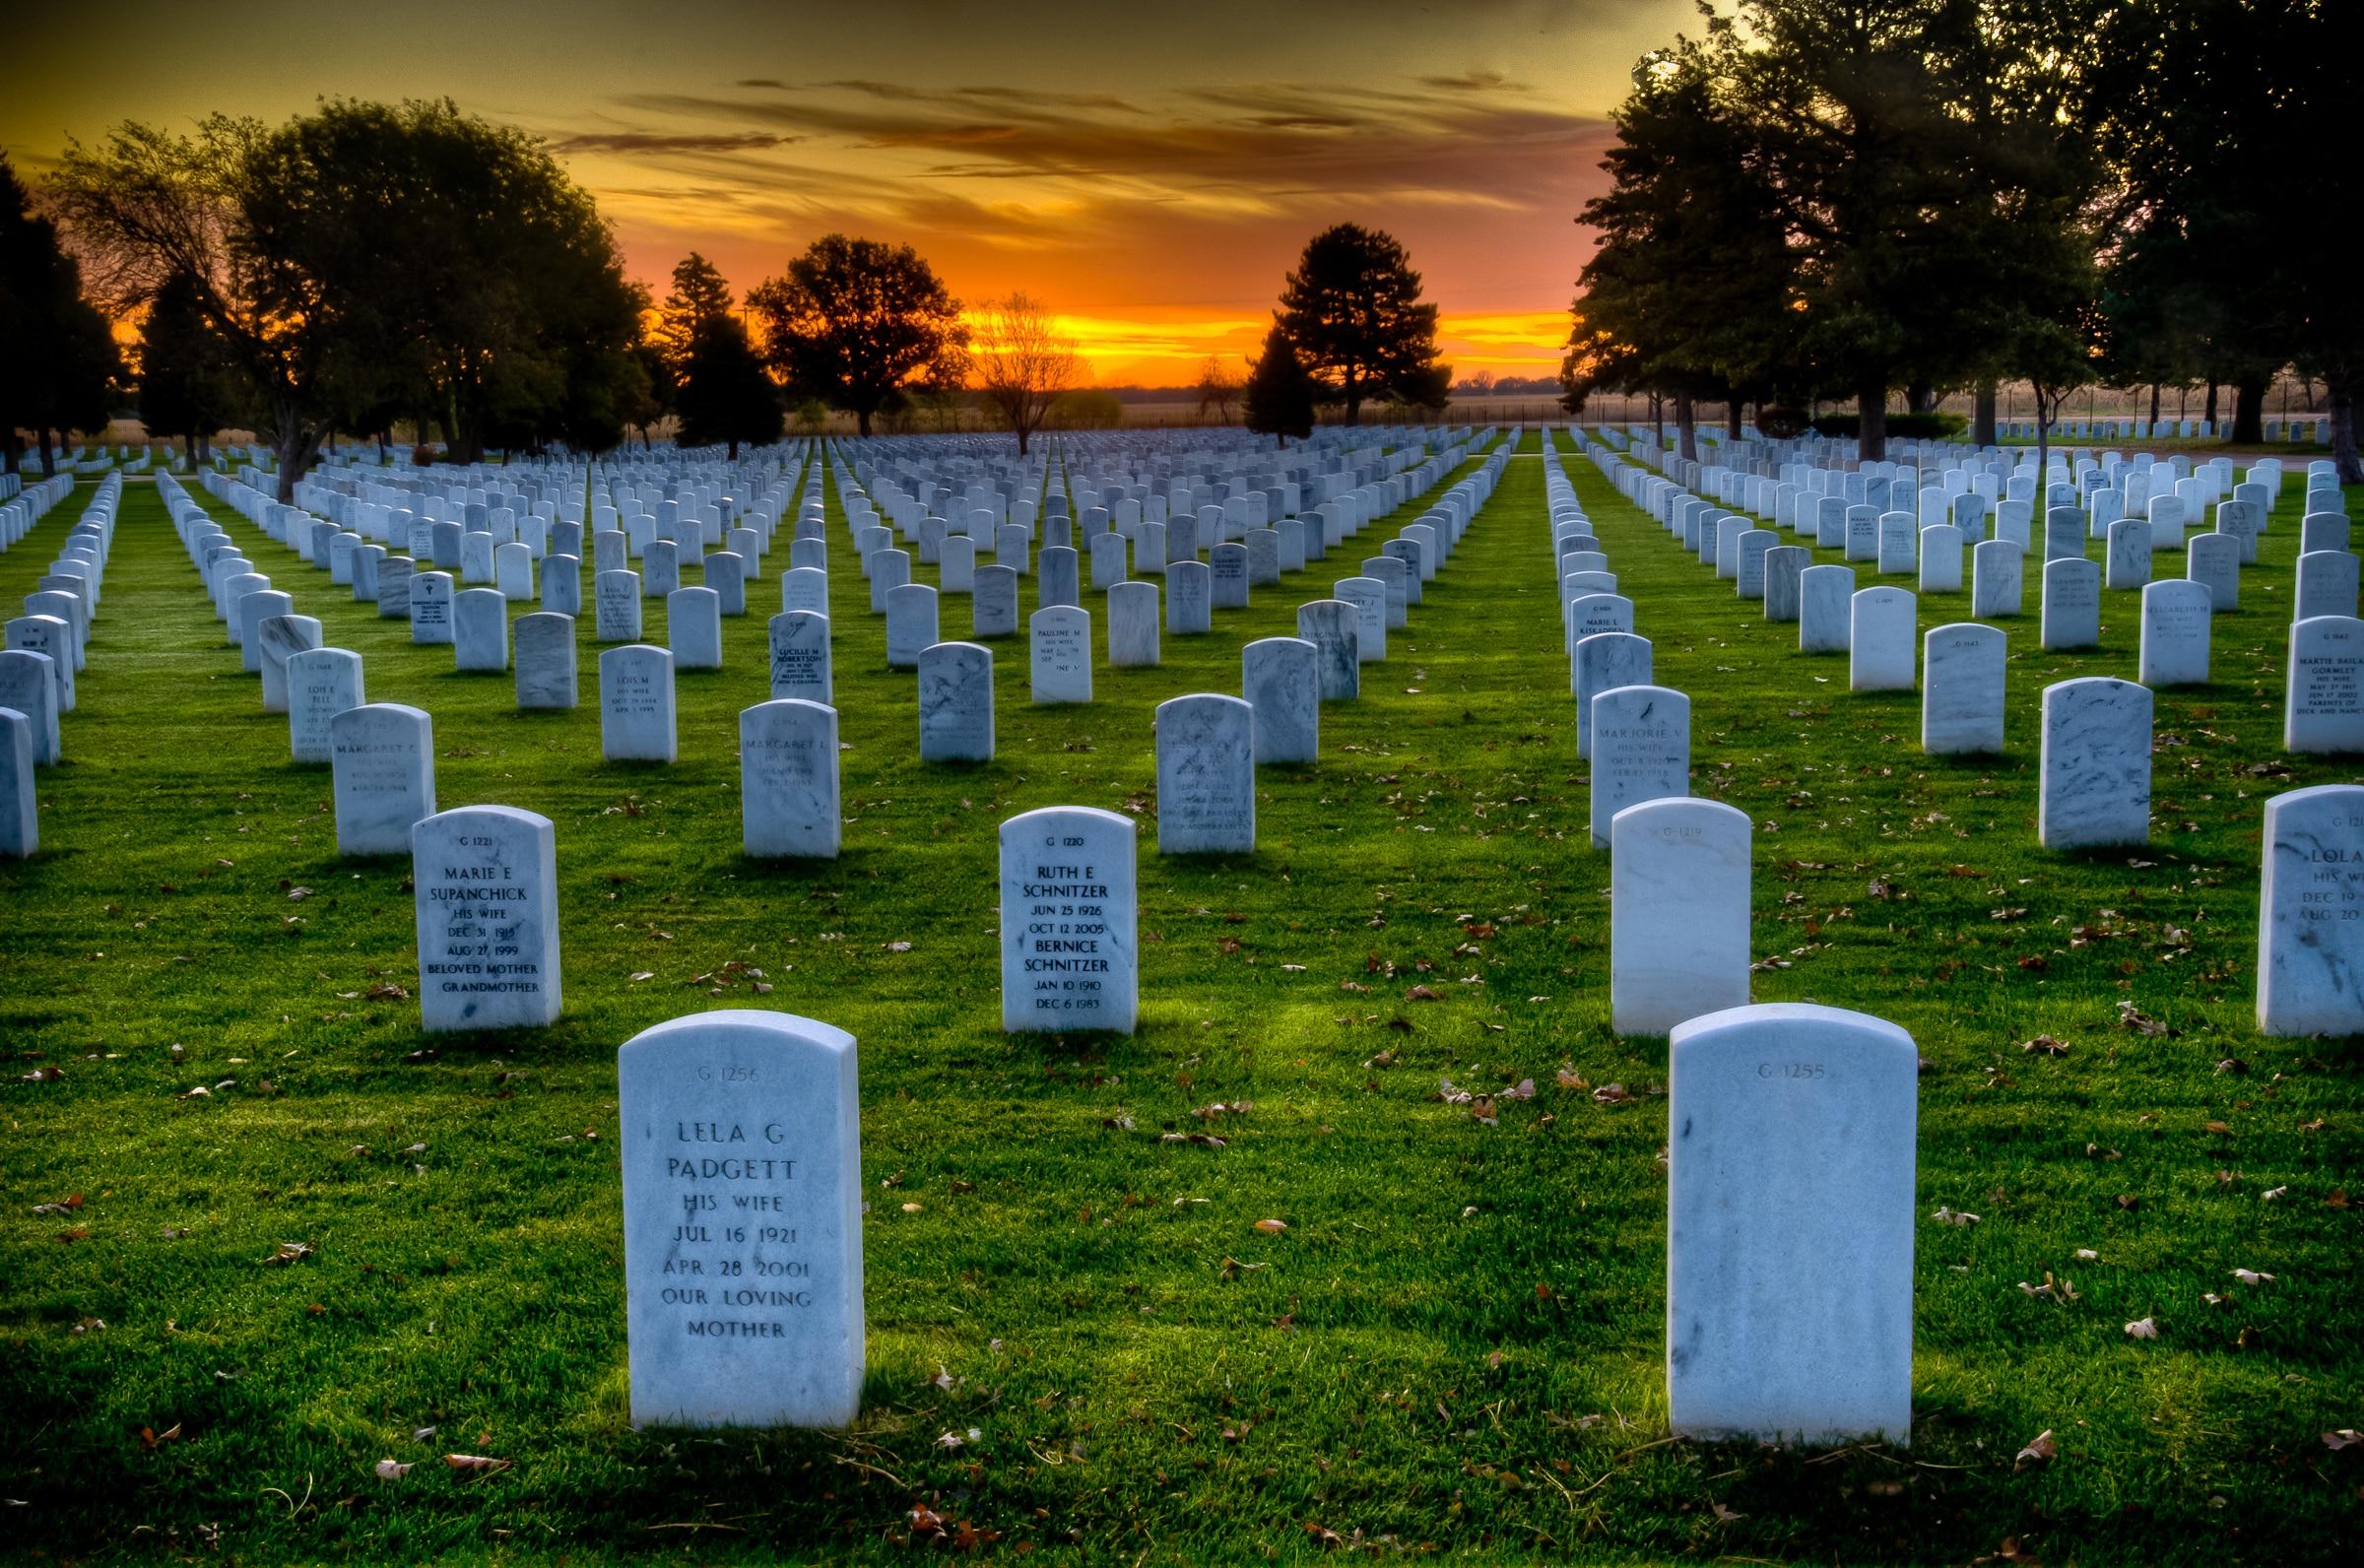 Sunrise at Fort McPherson National Cemetery in Nebraska.